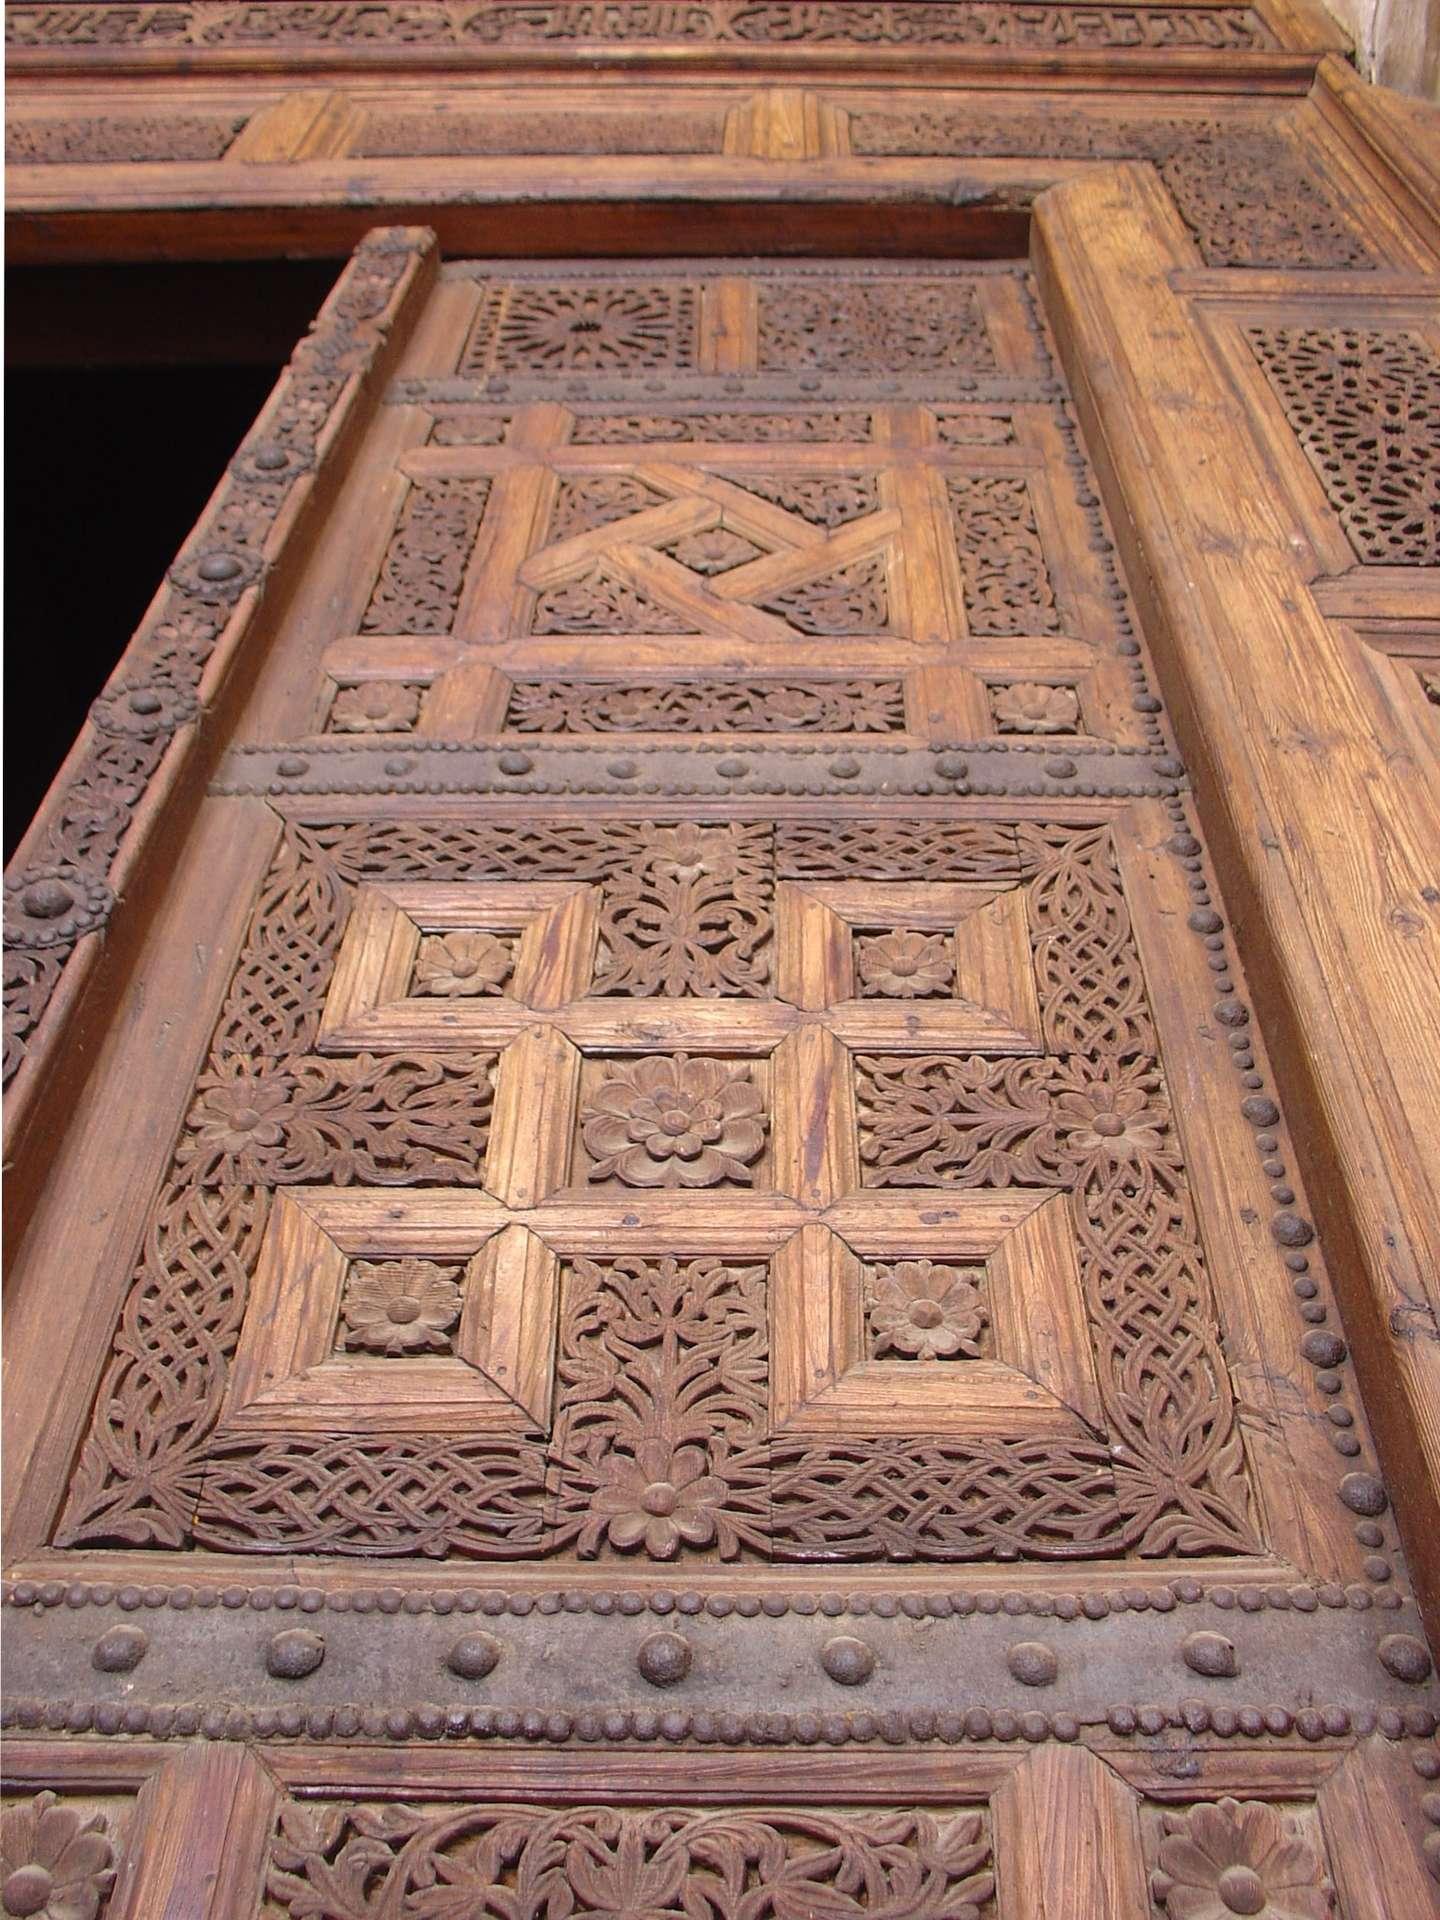 Le ventail forme les battants d'une porte ou d'une fenêtre. © ovancantfort, CC BY-SA 2.0, Wikimedia Commons